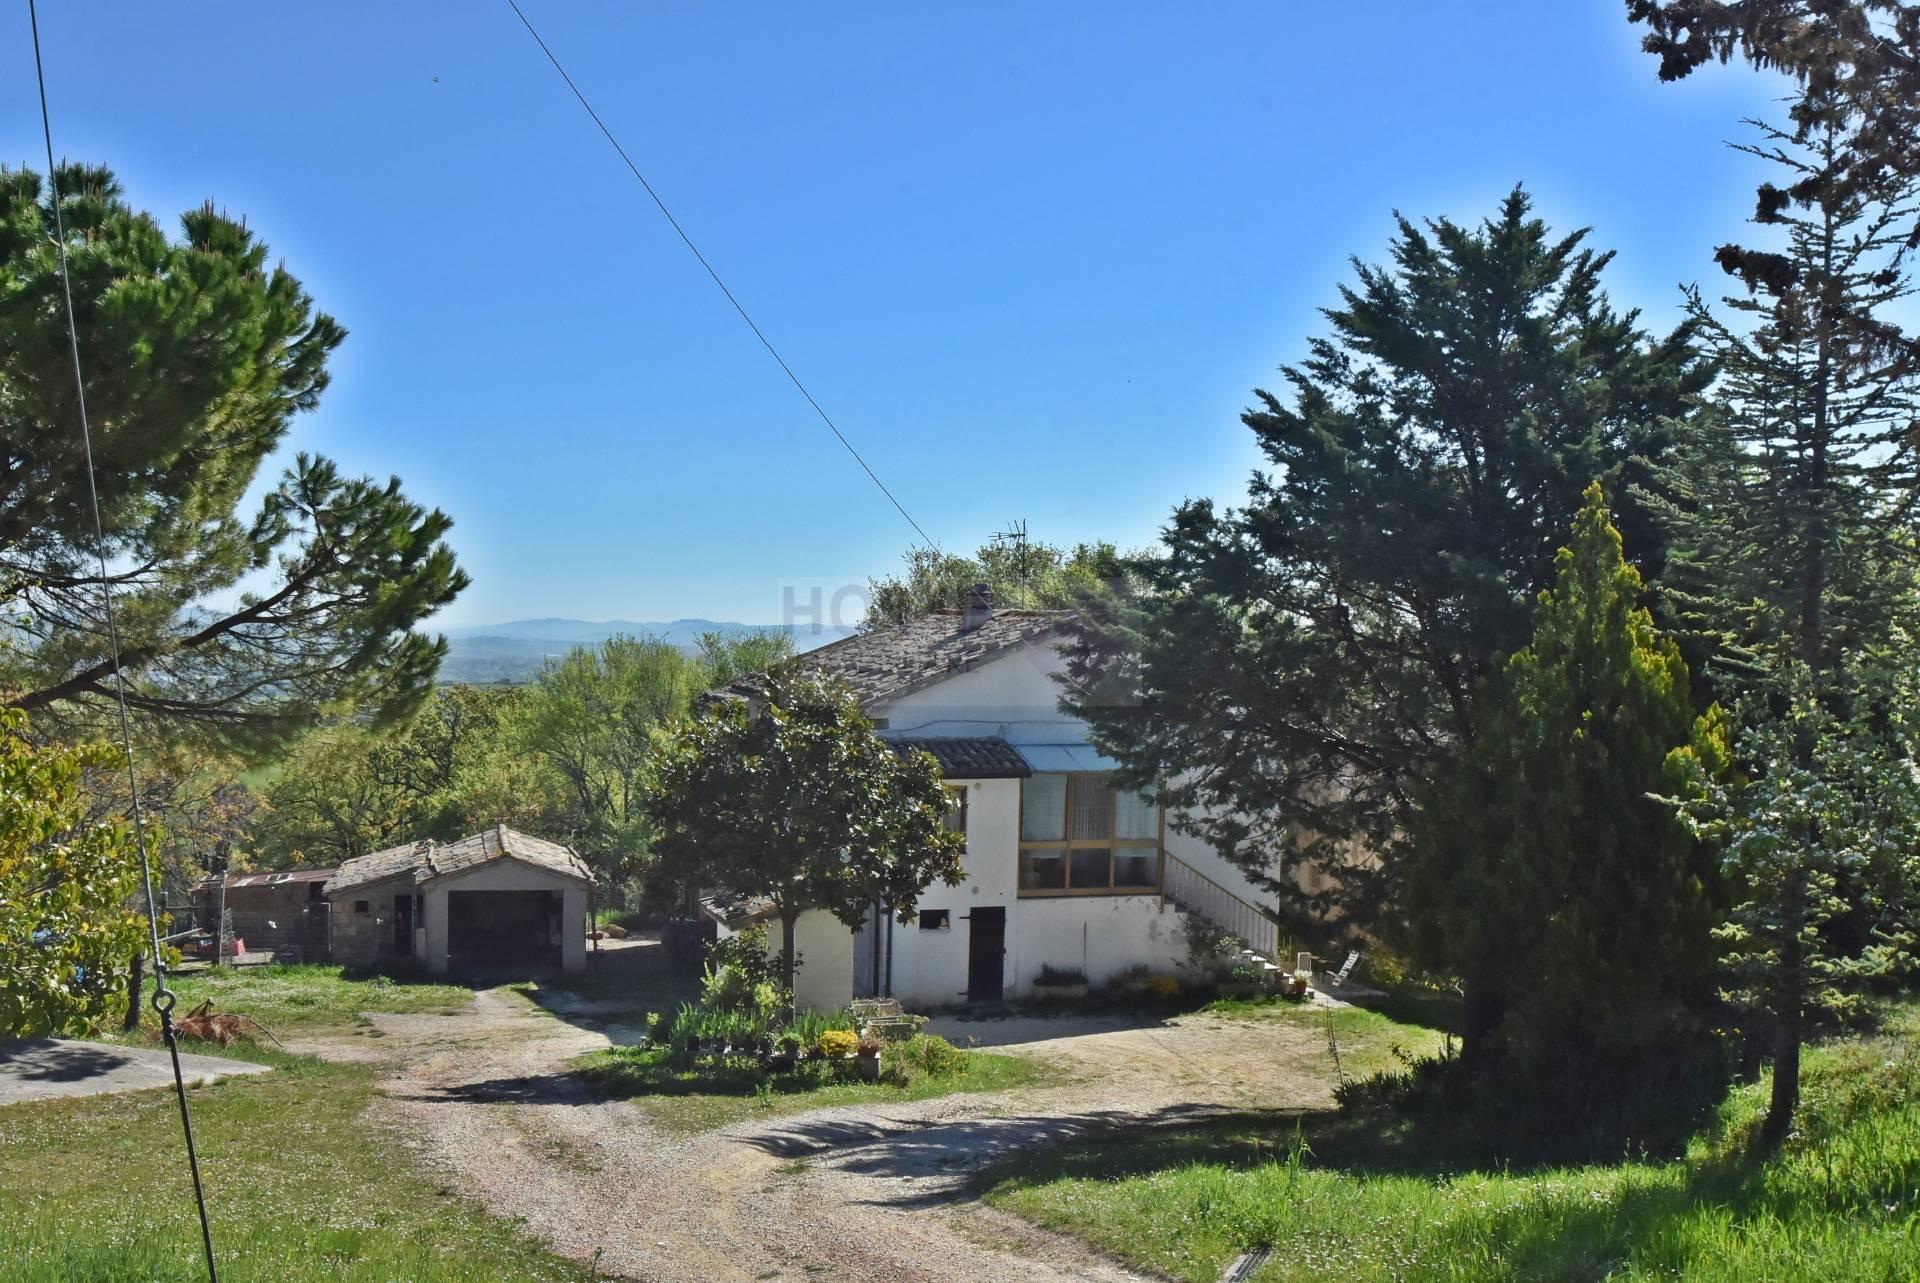 Soluzione Indipendente in vendita a Treia, 8 locali, zona Località: periferia, prezzo € 130.000 | Cambio Casa.it